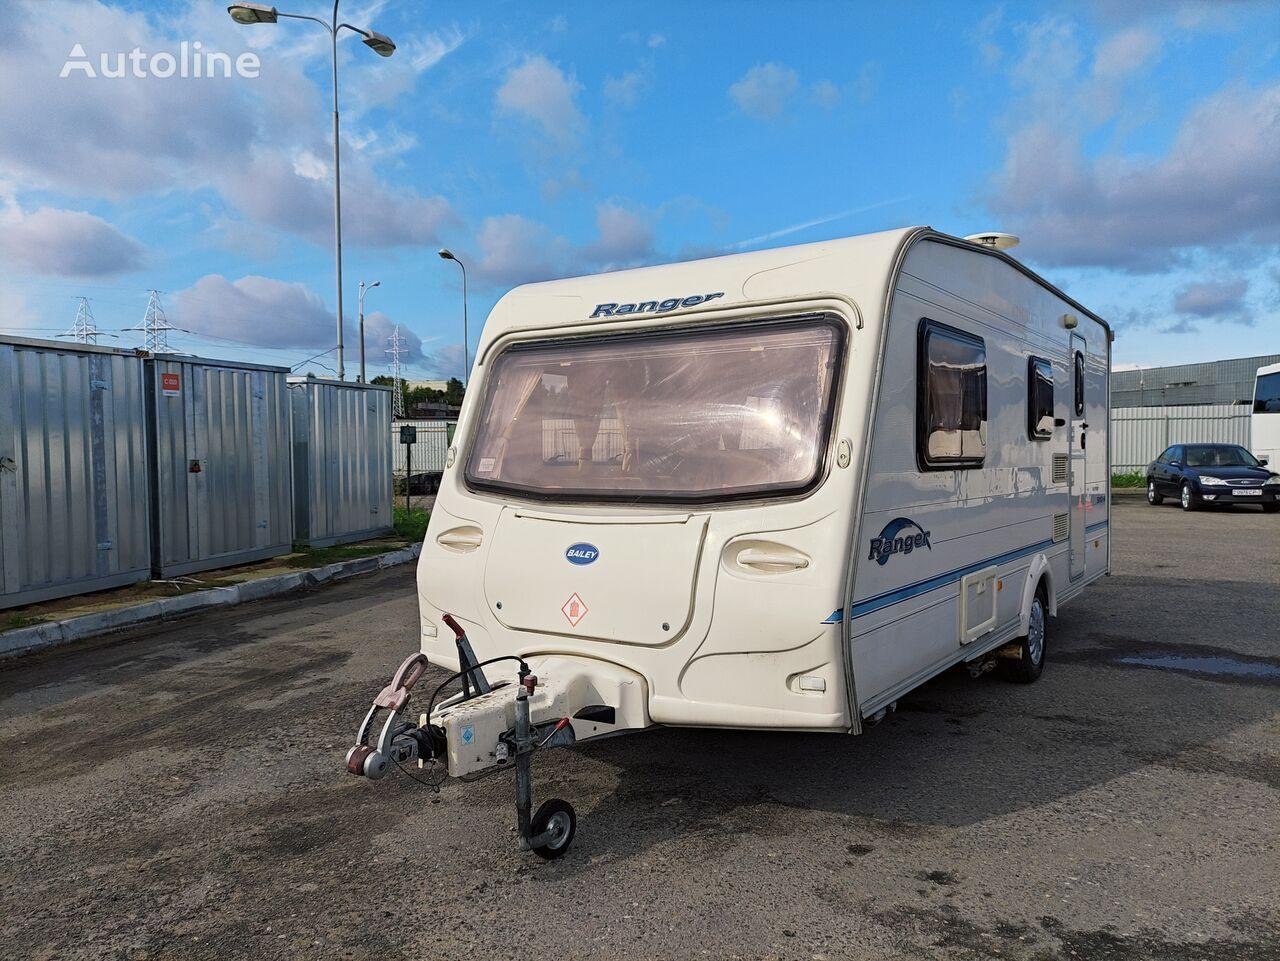 BAILEY RANGER 510/4  caravan trailer